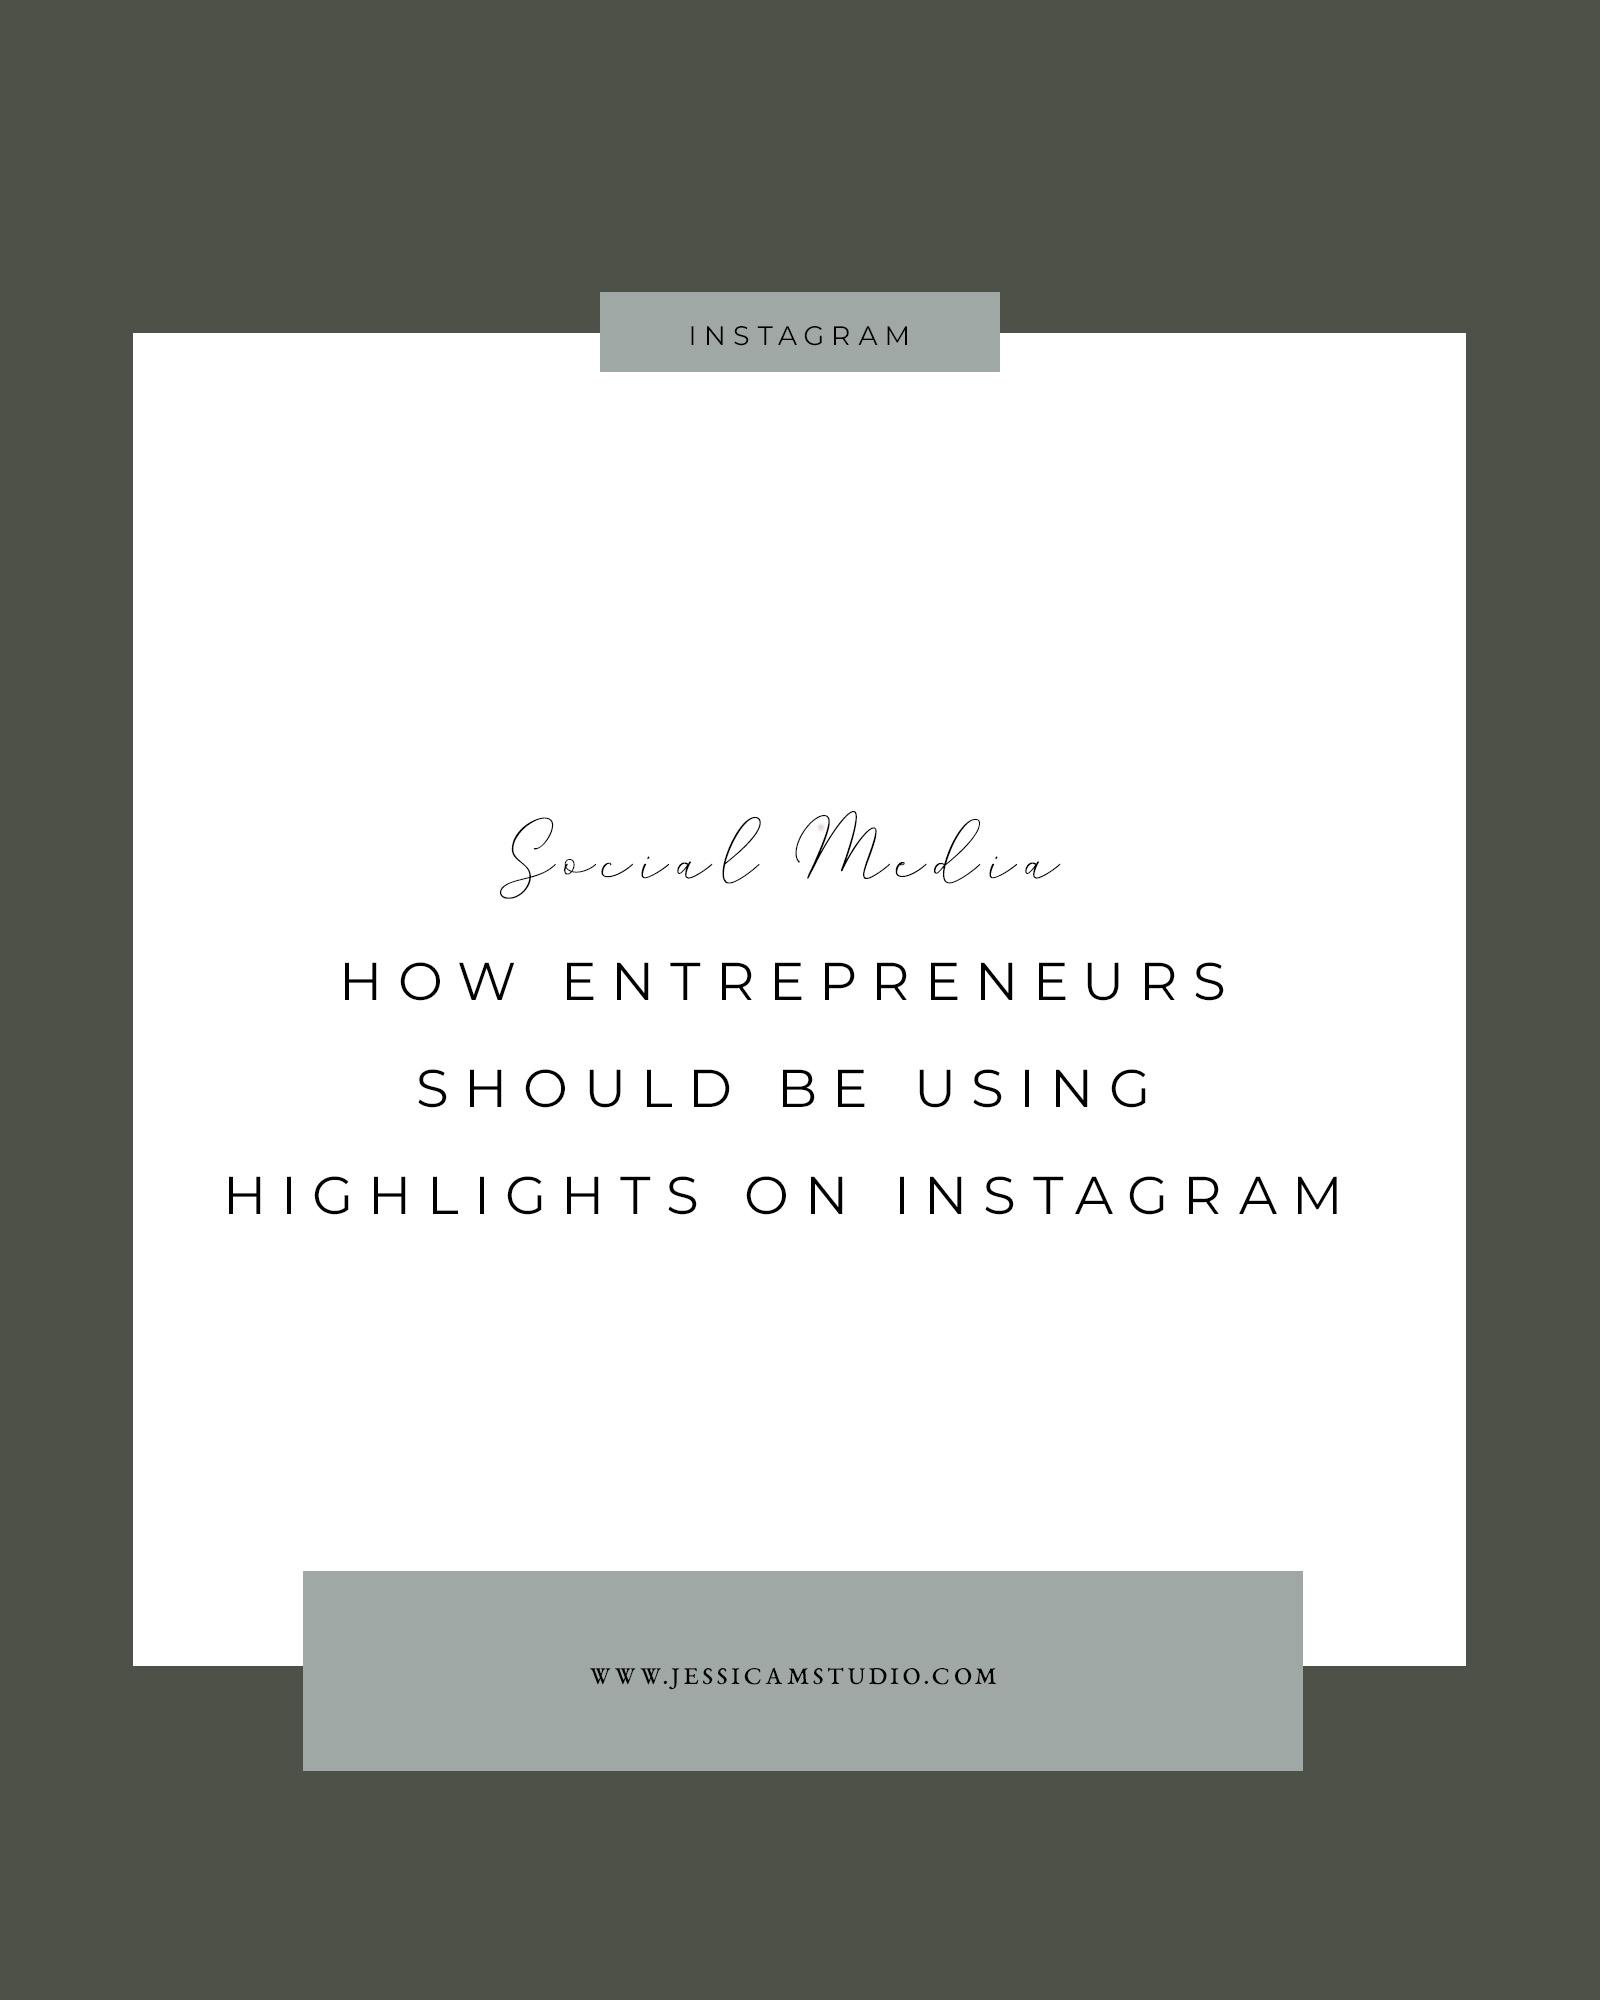 highlights-instagram-entrepreneur